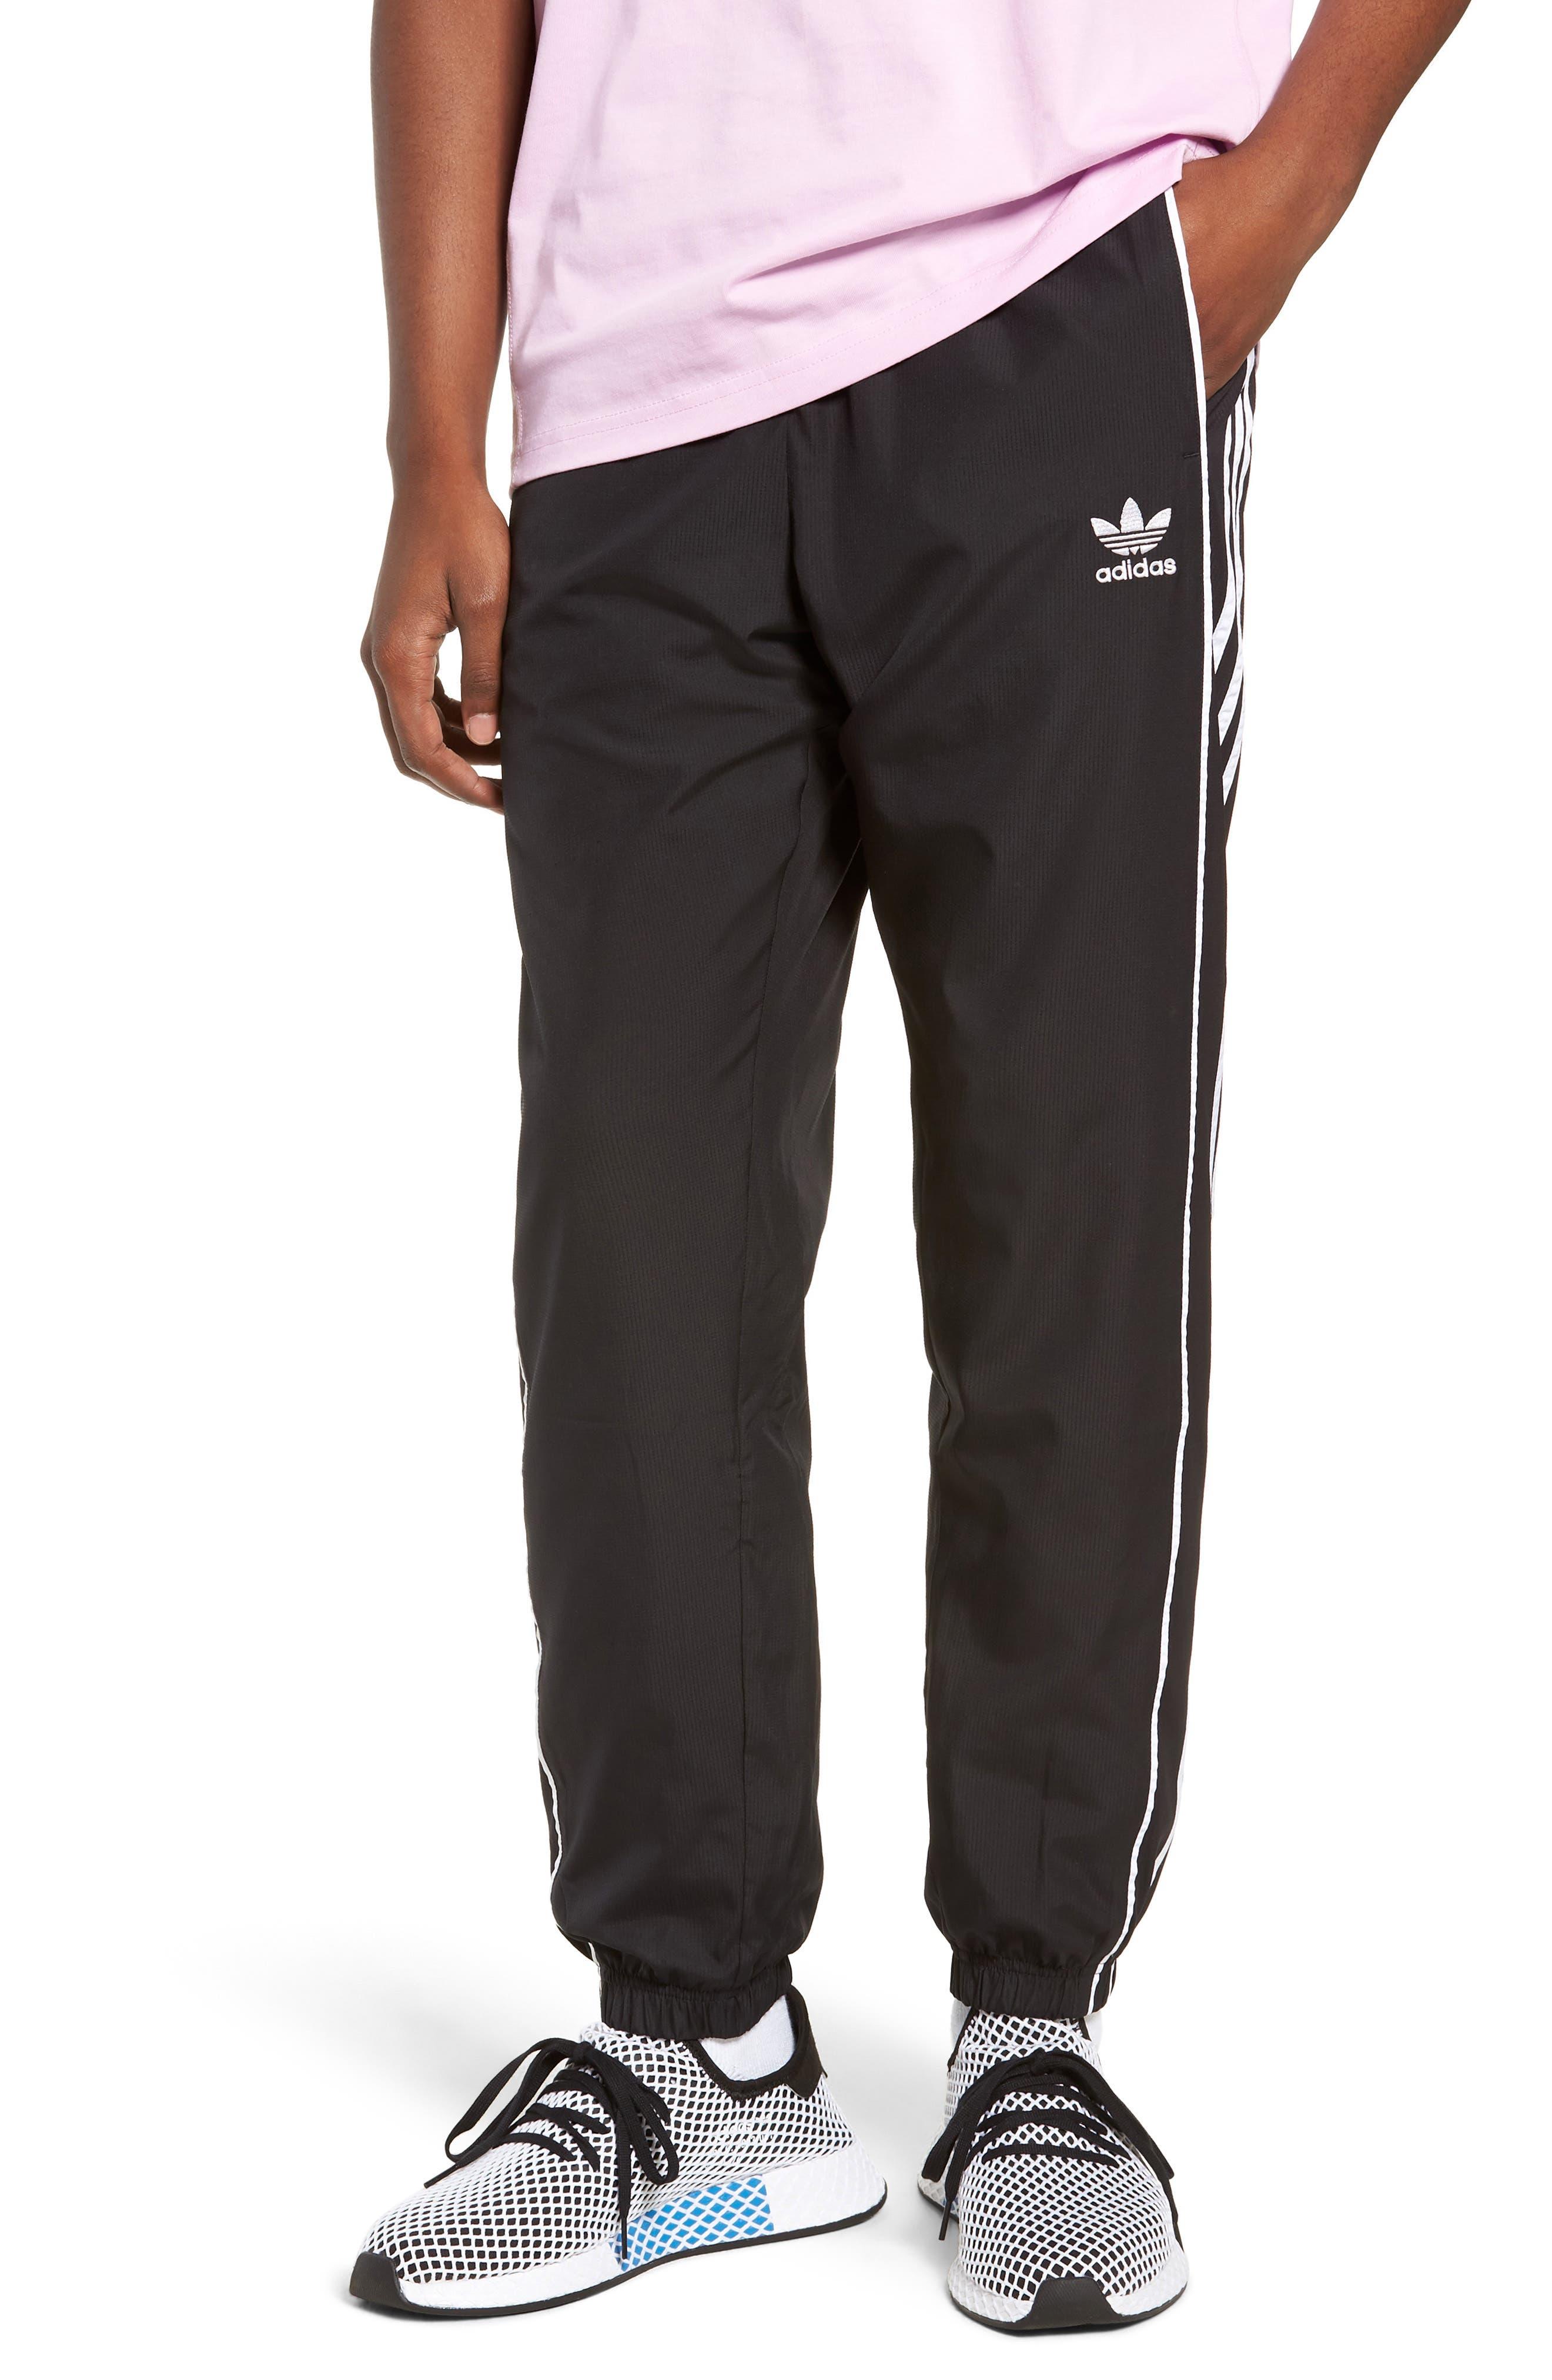 Authentics Track Pants,                         Main,                         color, BLACK/ WHITE